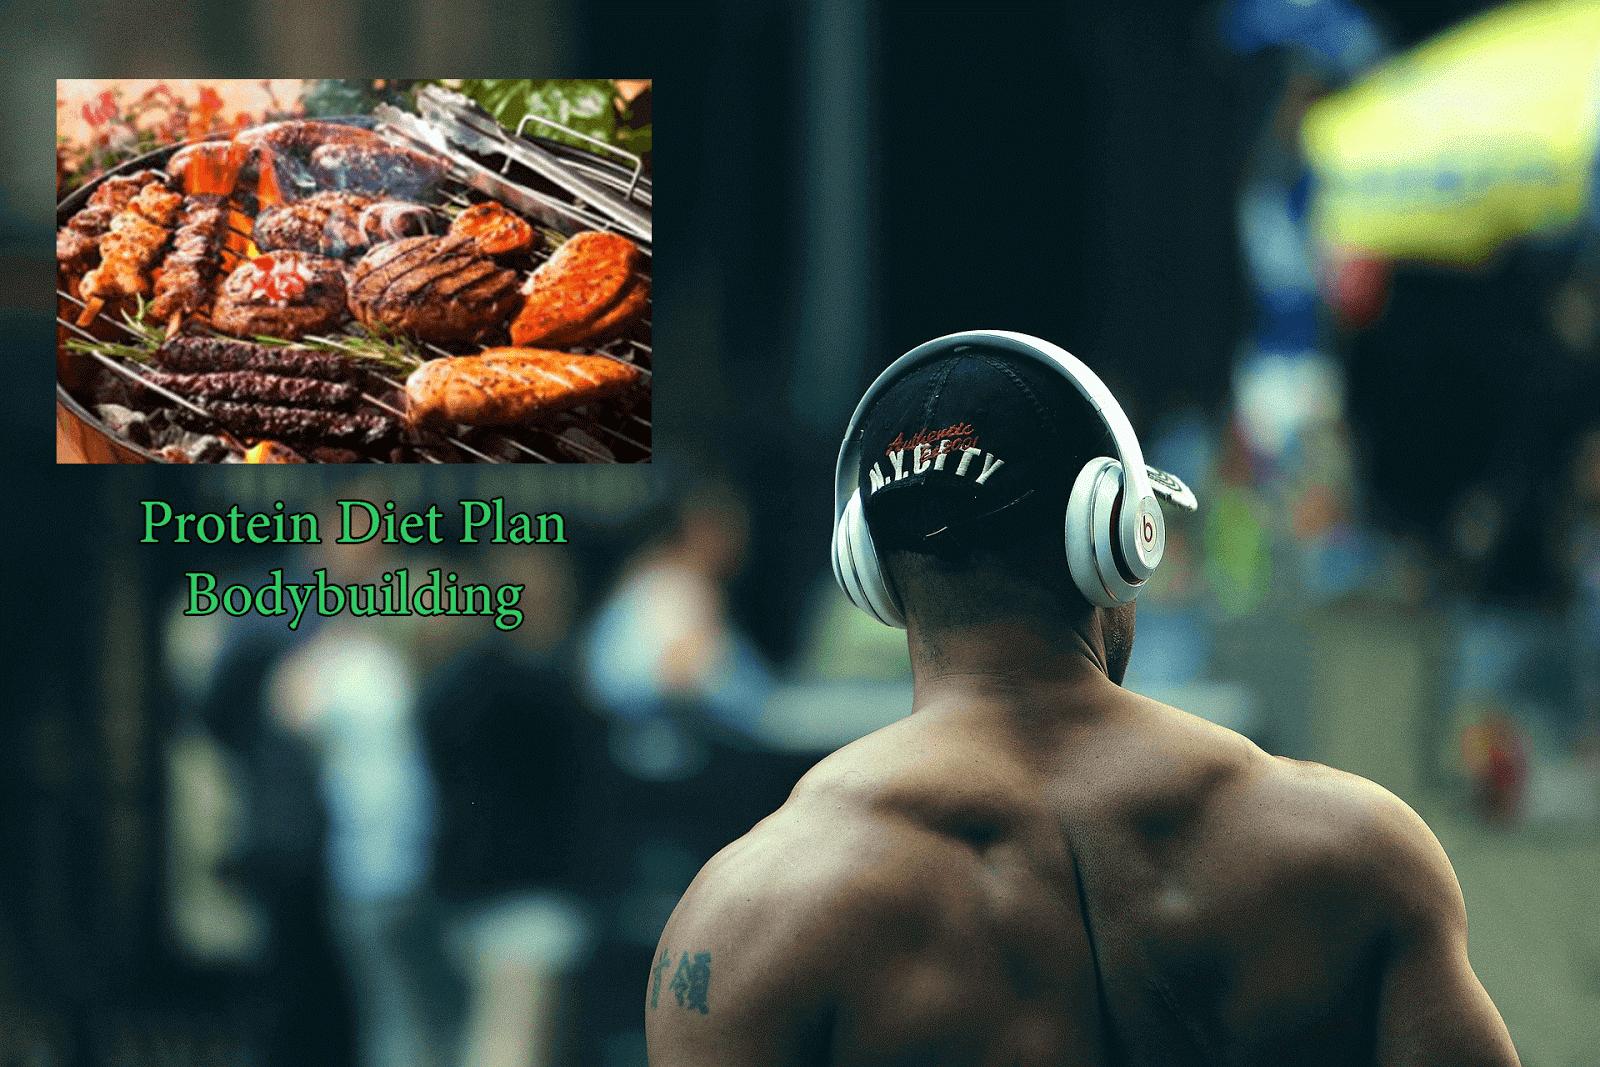 High protein Diet Plan Bodybuilding For Beginners